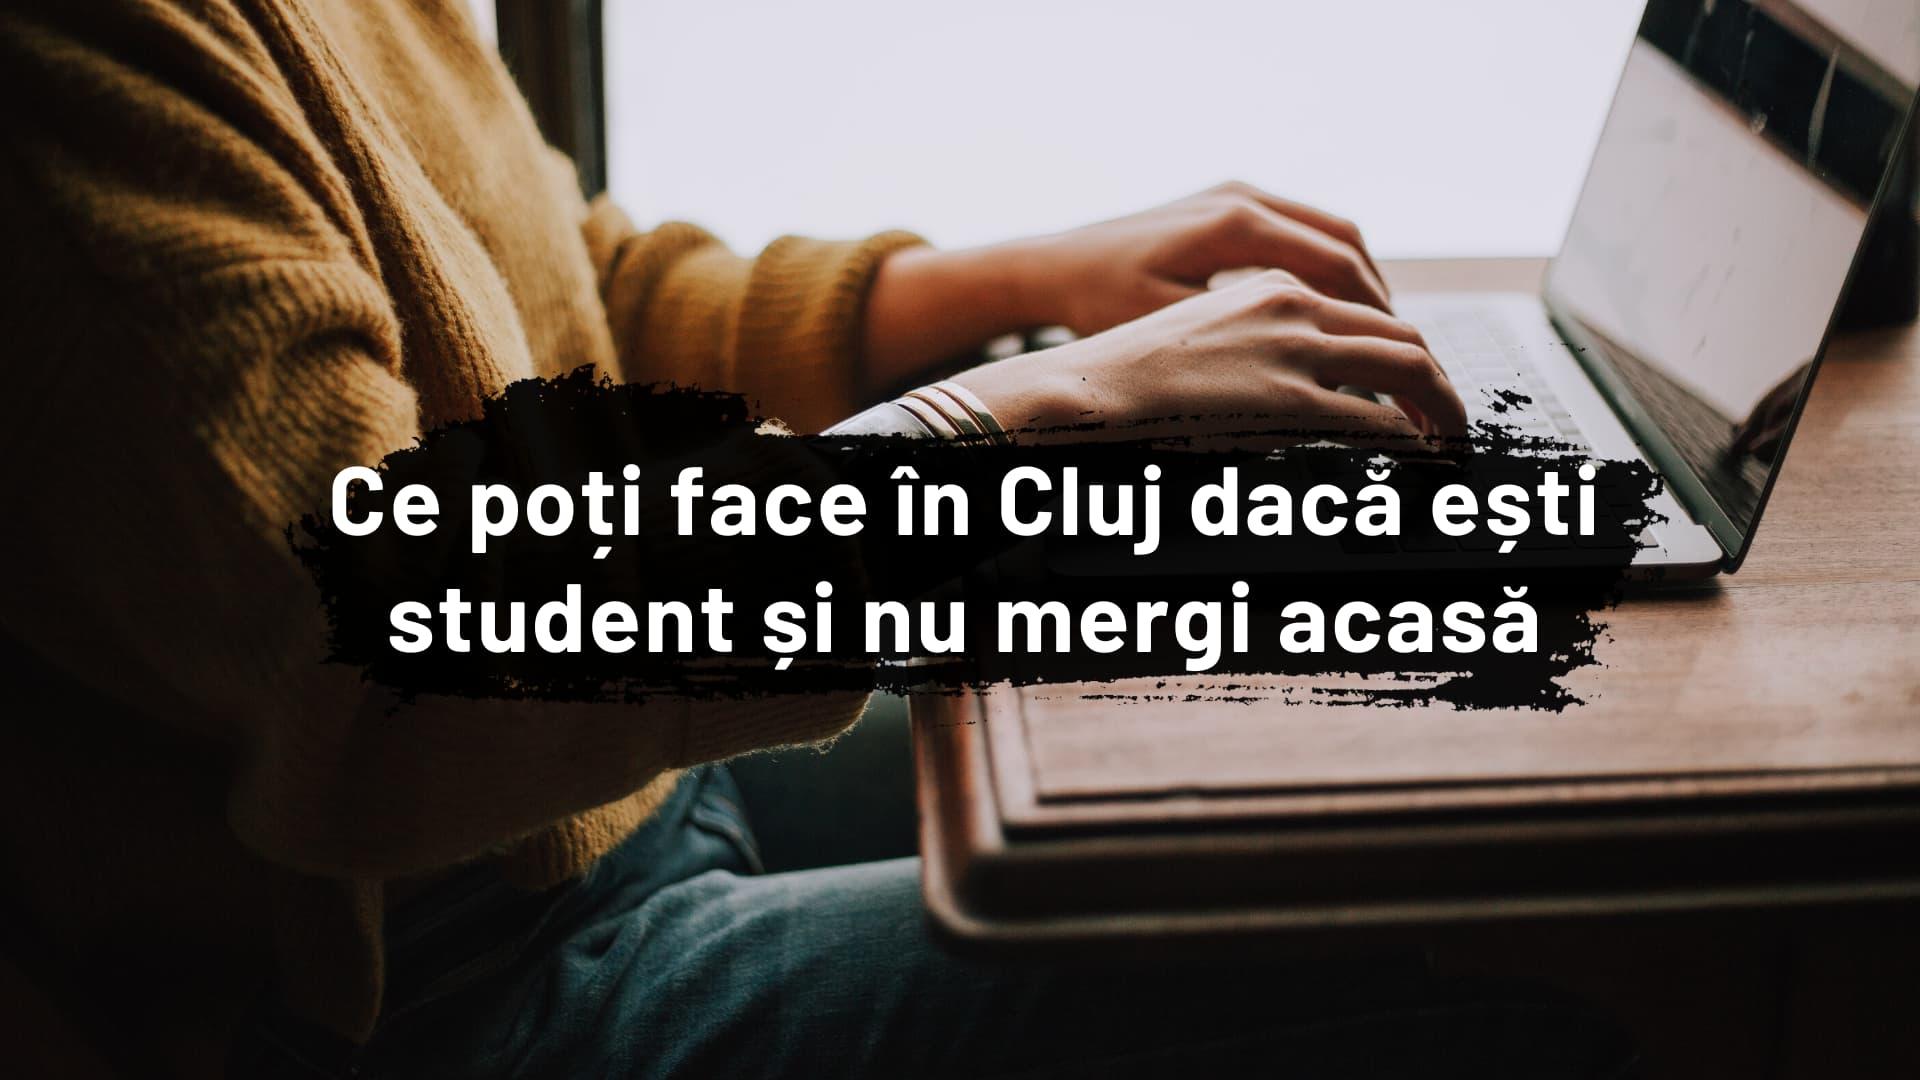 Ce poți face în Cluj dacă ești student și nu vrei să mergi acasă #CoronaEdition